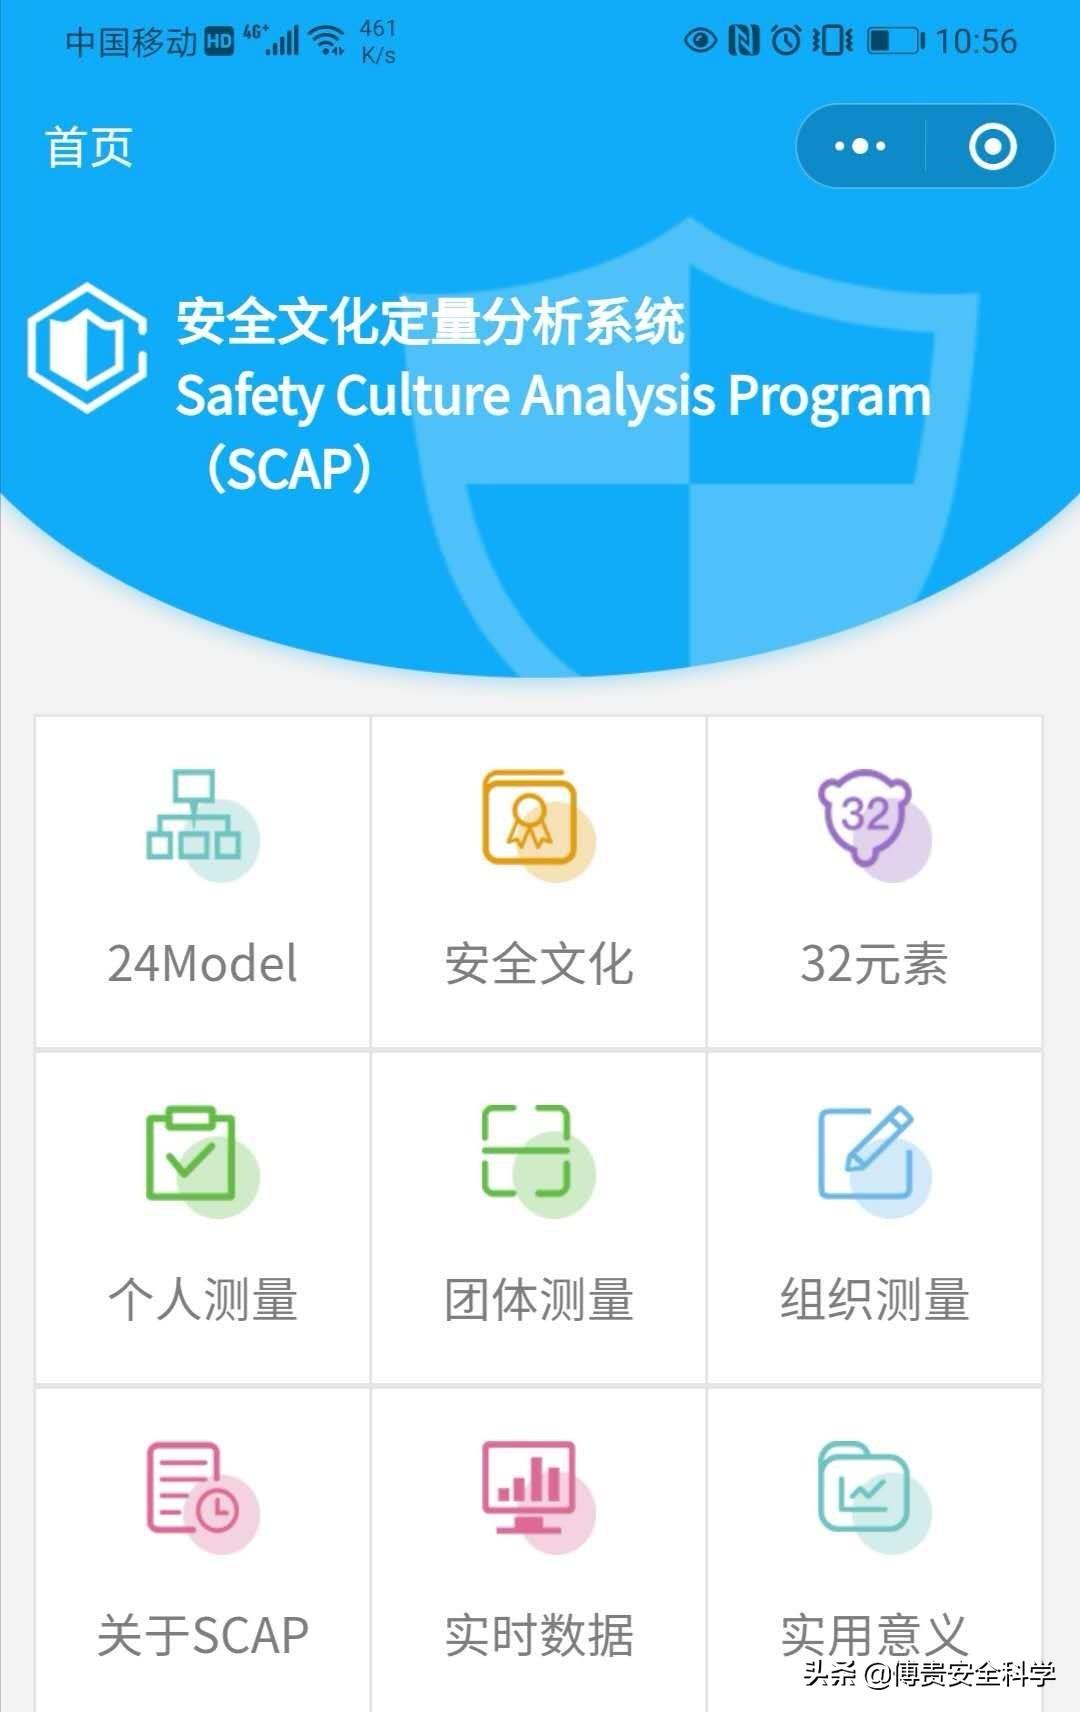 企业安全文化建设的实用方法。首先需要了解安全文化到底是个啥